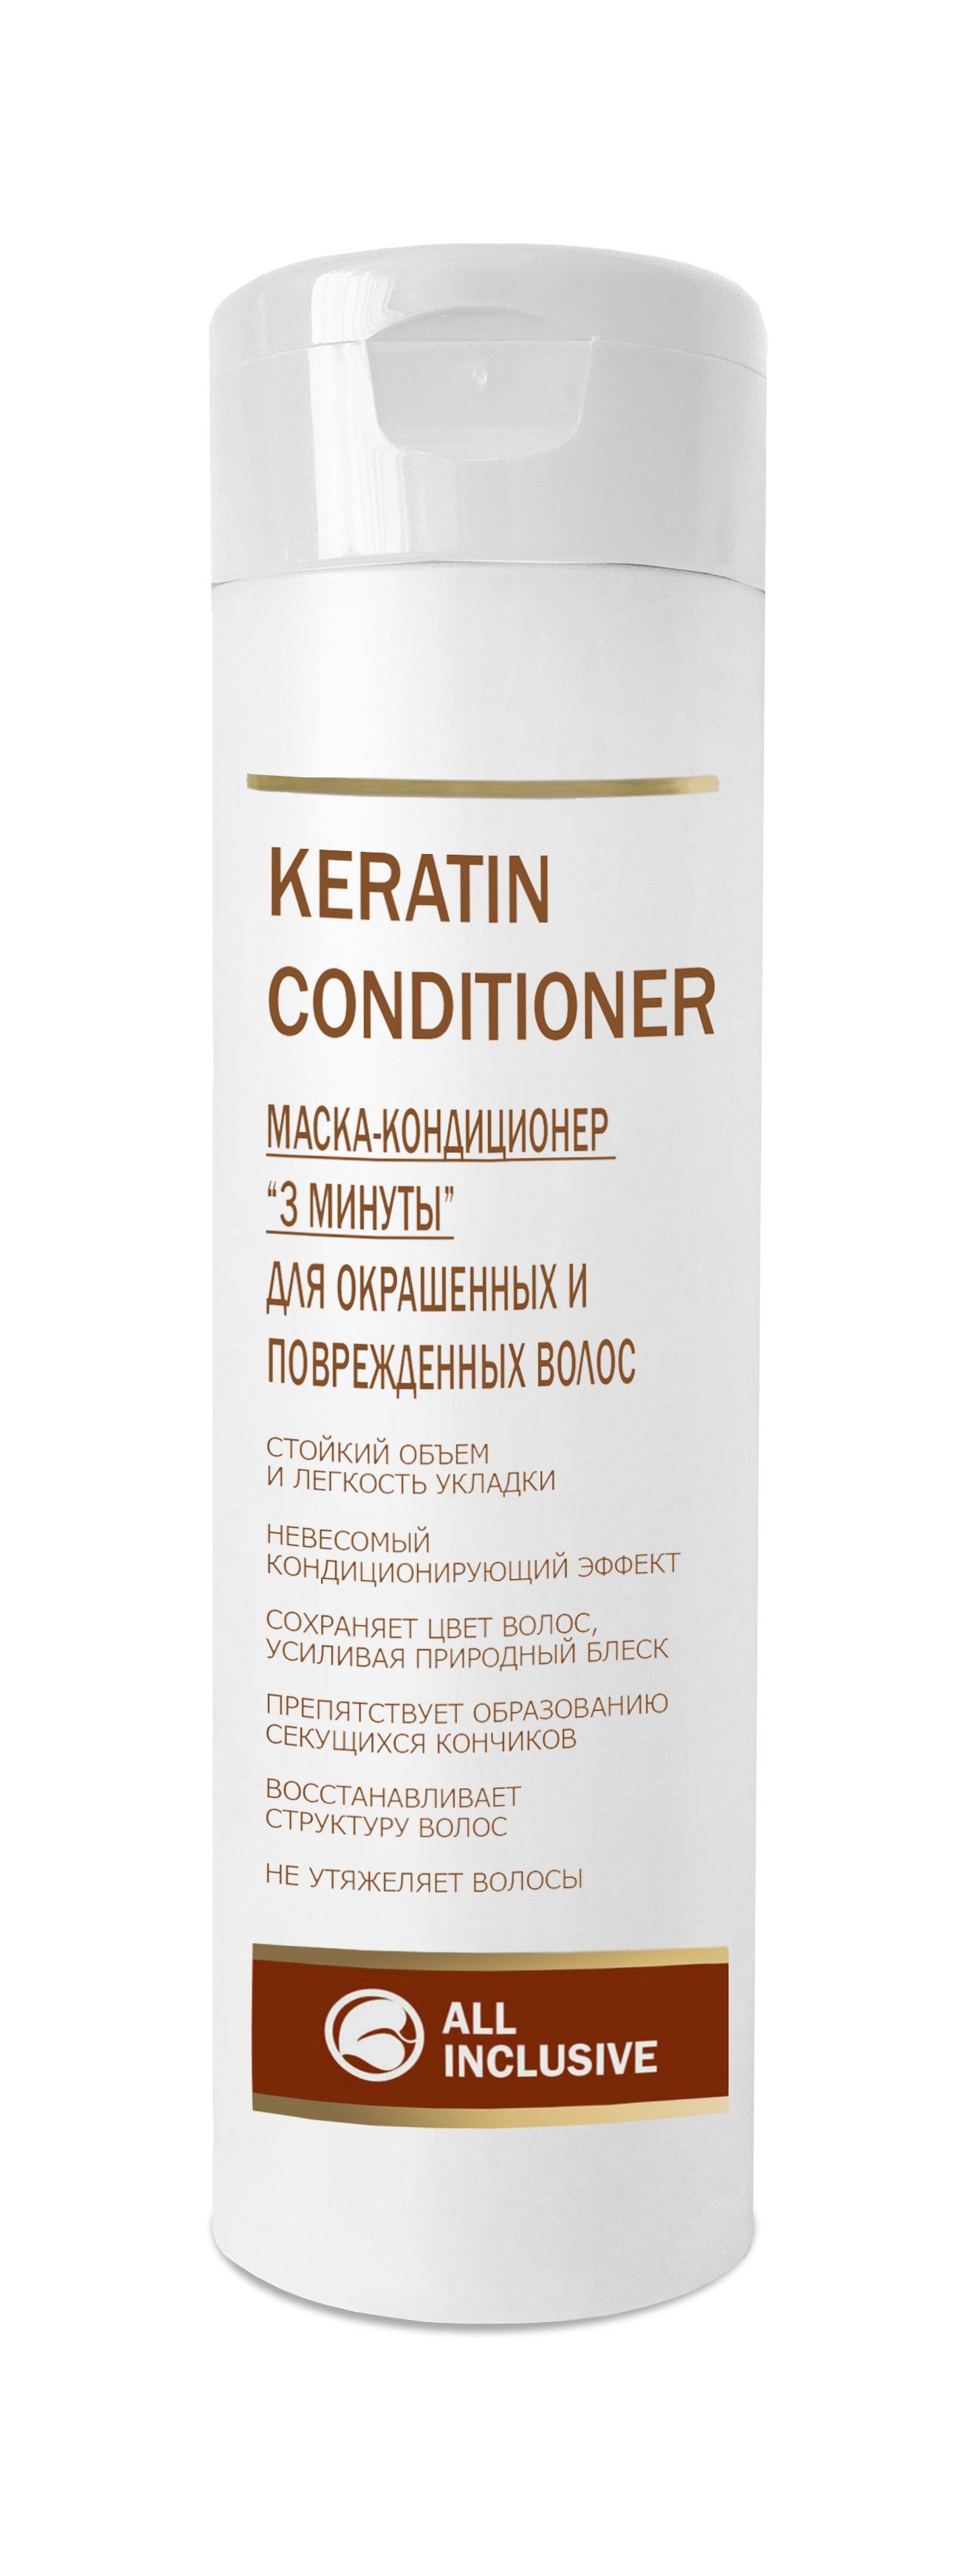 Купить Маска-Кондиционер All Inclusive Keratin Conditioner 3 Минуты 250 мл